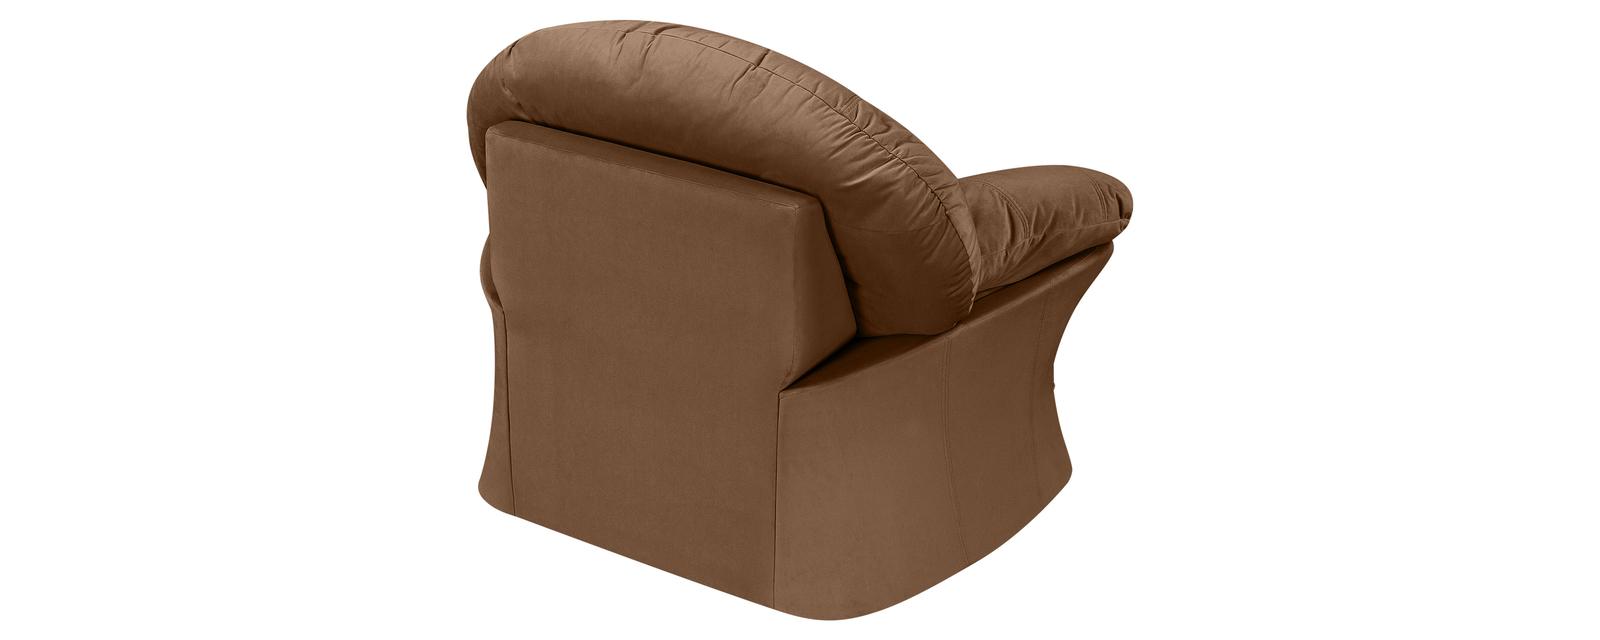 Кресло тканевое Ланкастер Velure коричневый (Велюр) от HomeMe.ru